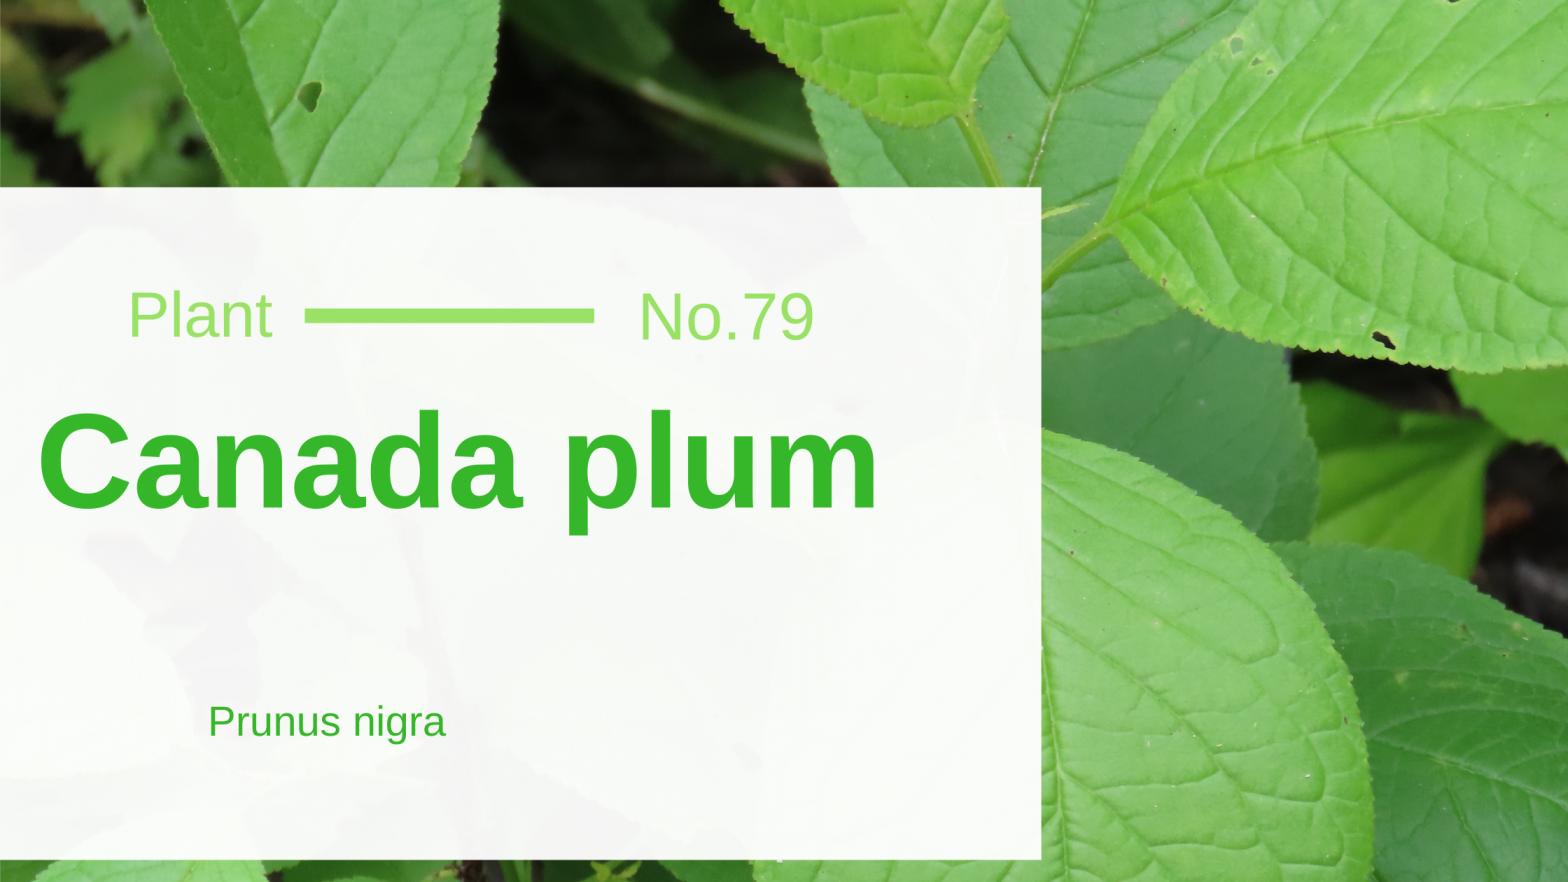 Canada plum – Prunus nigra